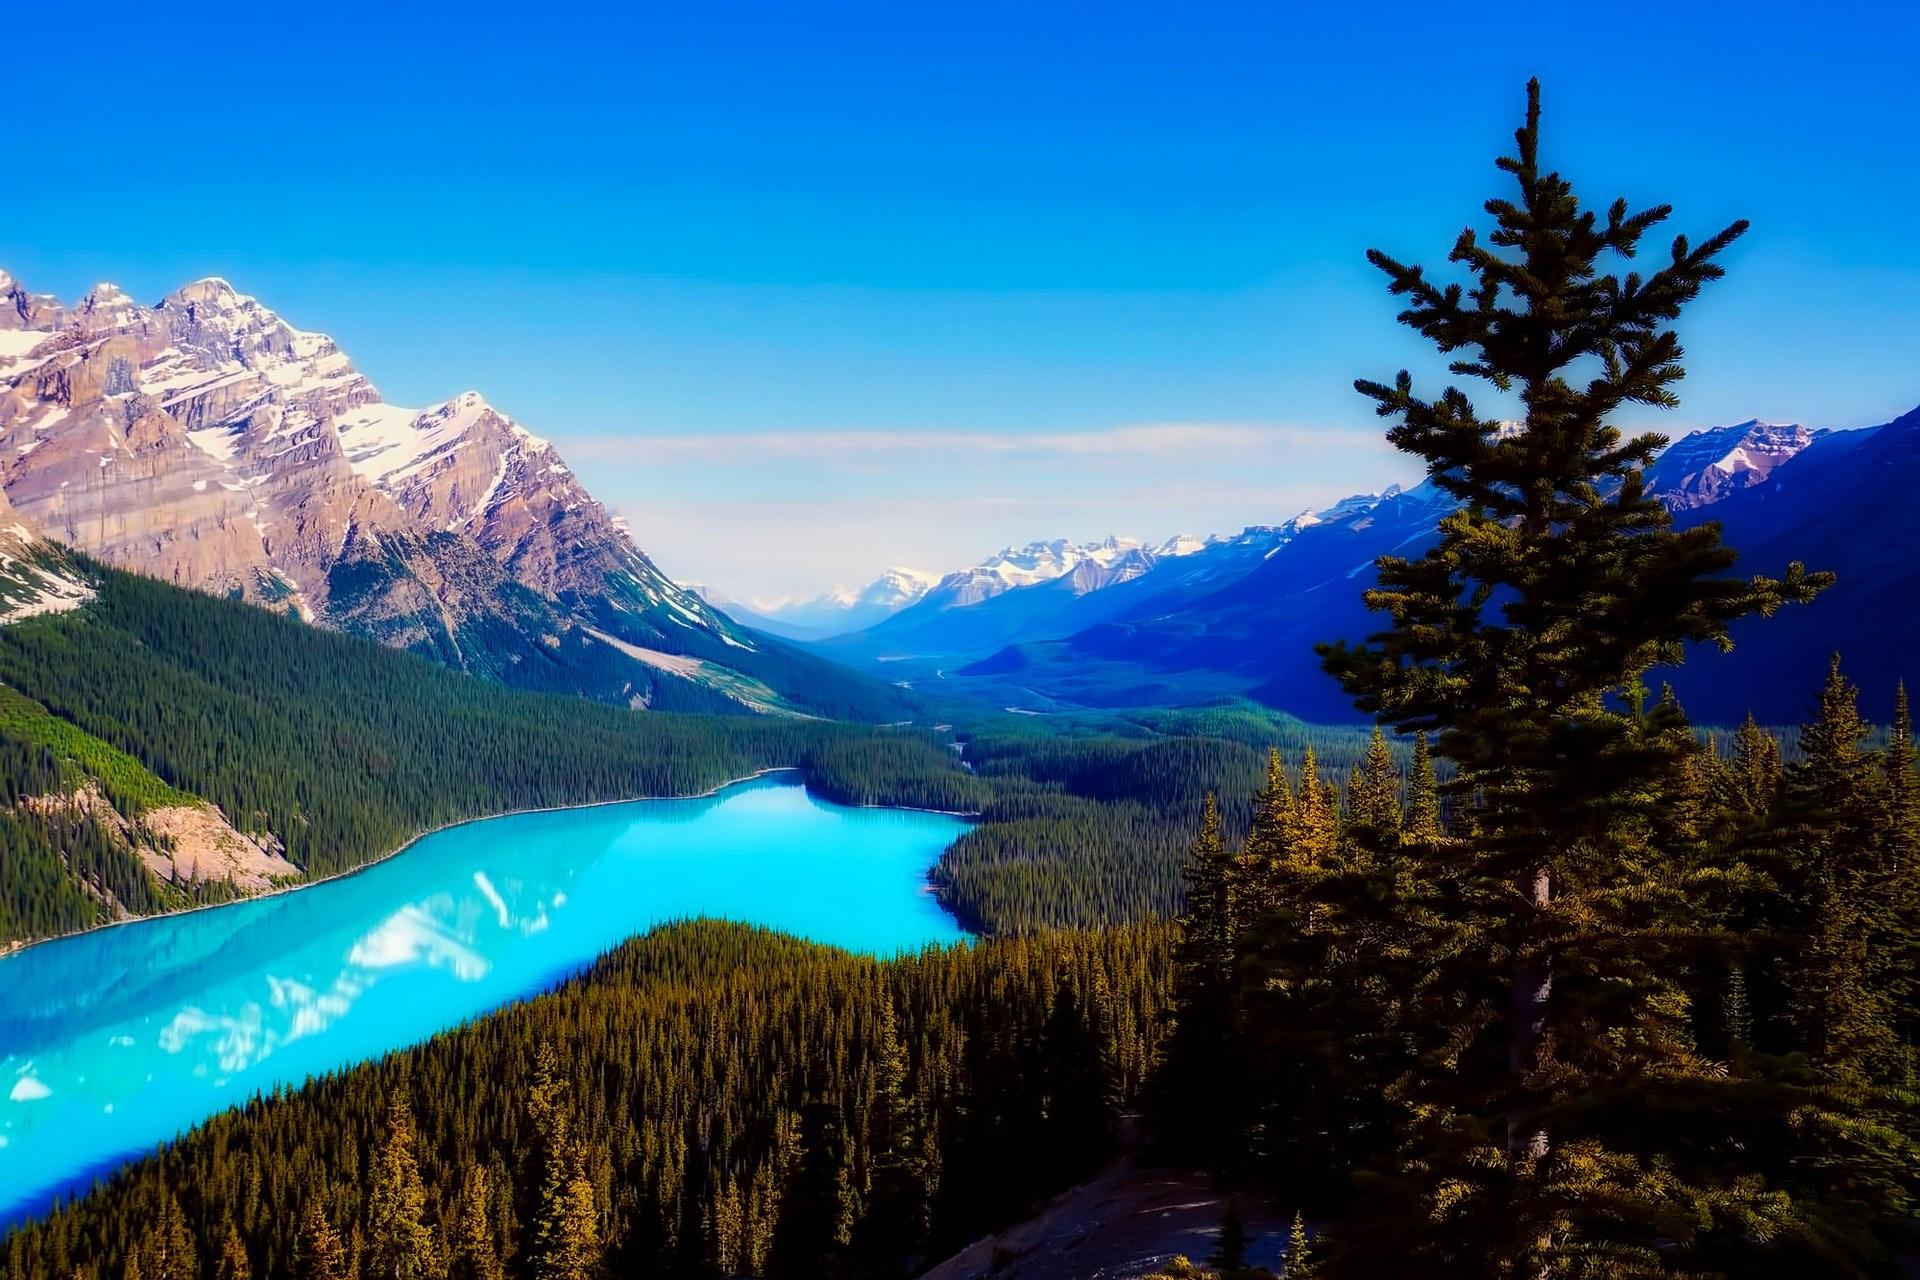 Cảnh thiên nhiên rất đẹp hồ xanh trên núi cao